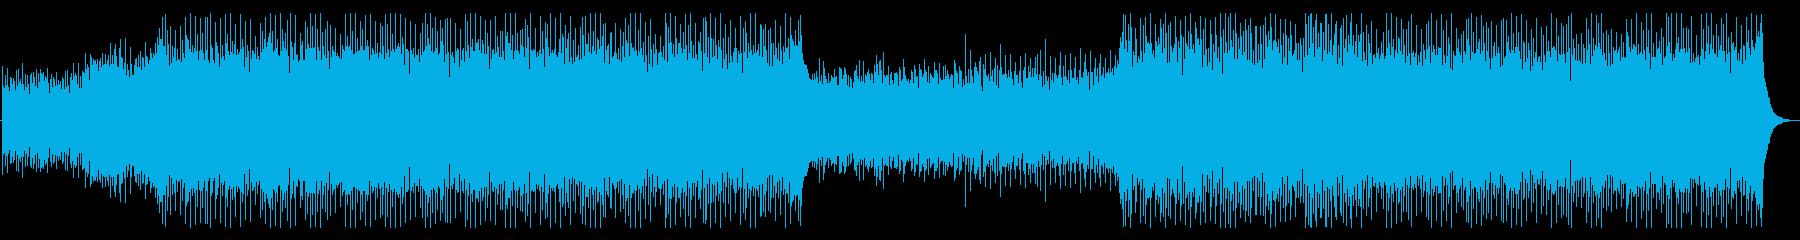 コーポレートミュージック2の再生済みの波形